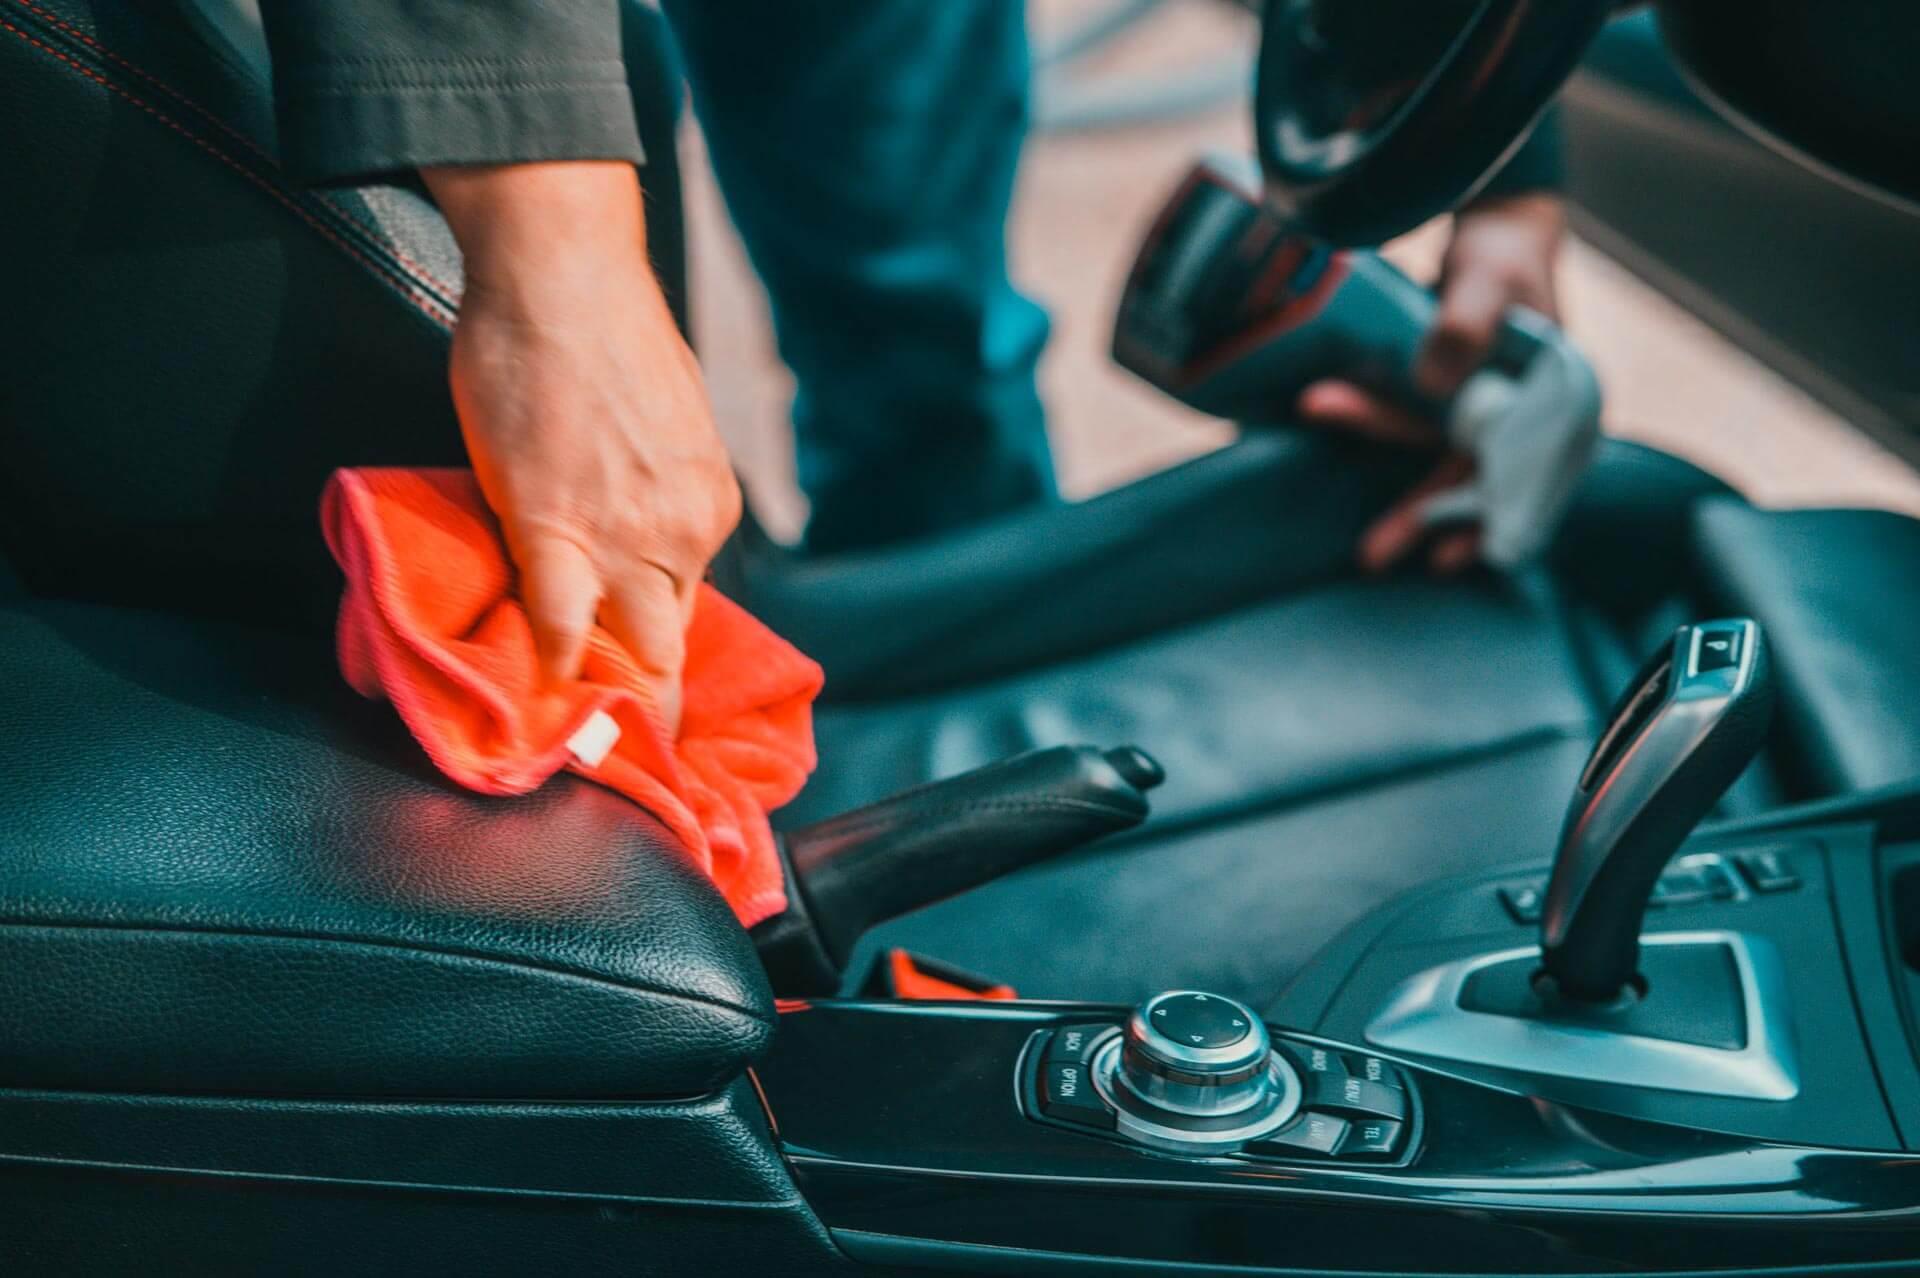 Le nettoyage, l'entretien et le traitement spécial des cuirs - Nettoyage de véhicules professionnels et utilitaires